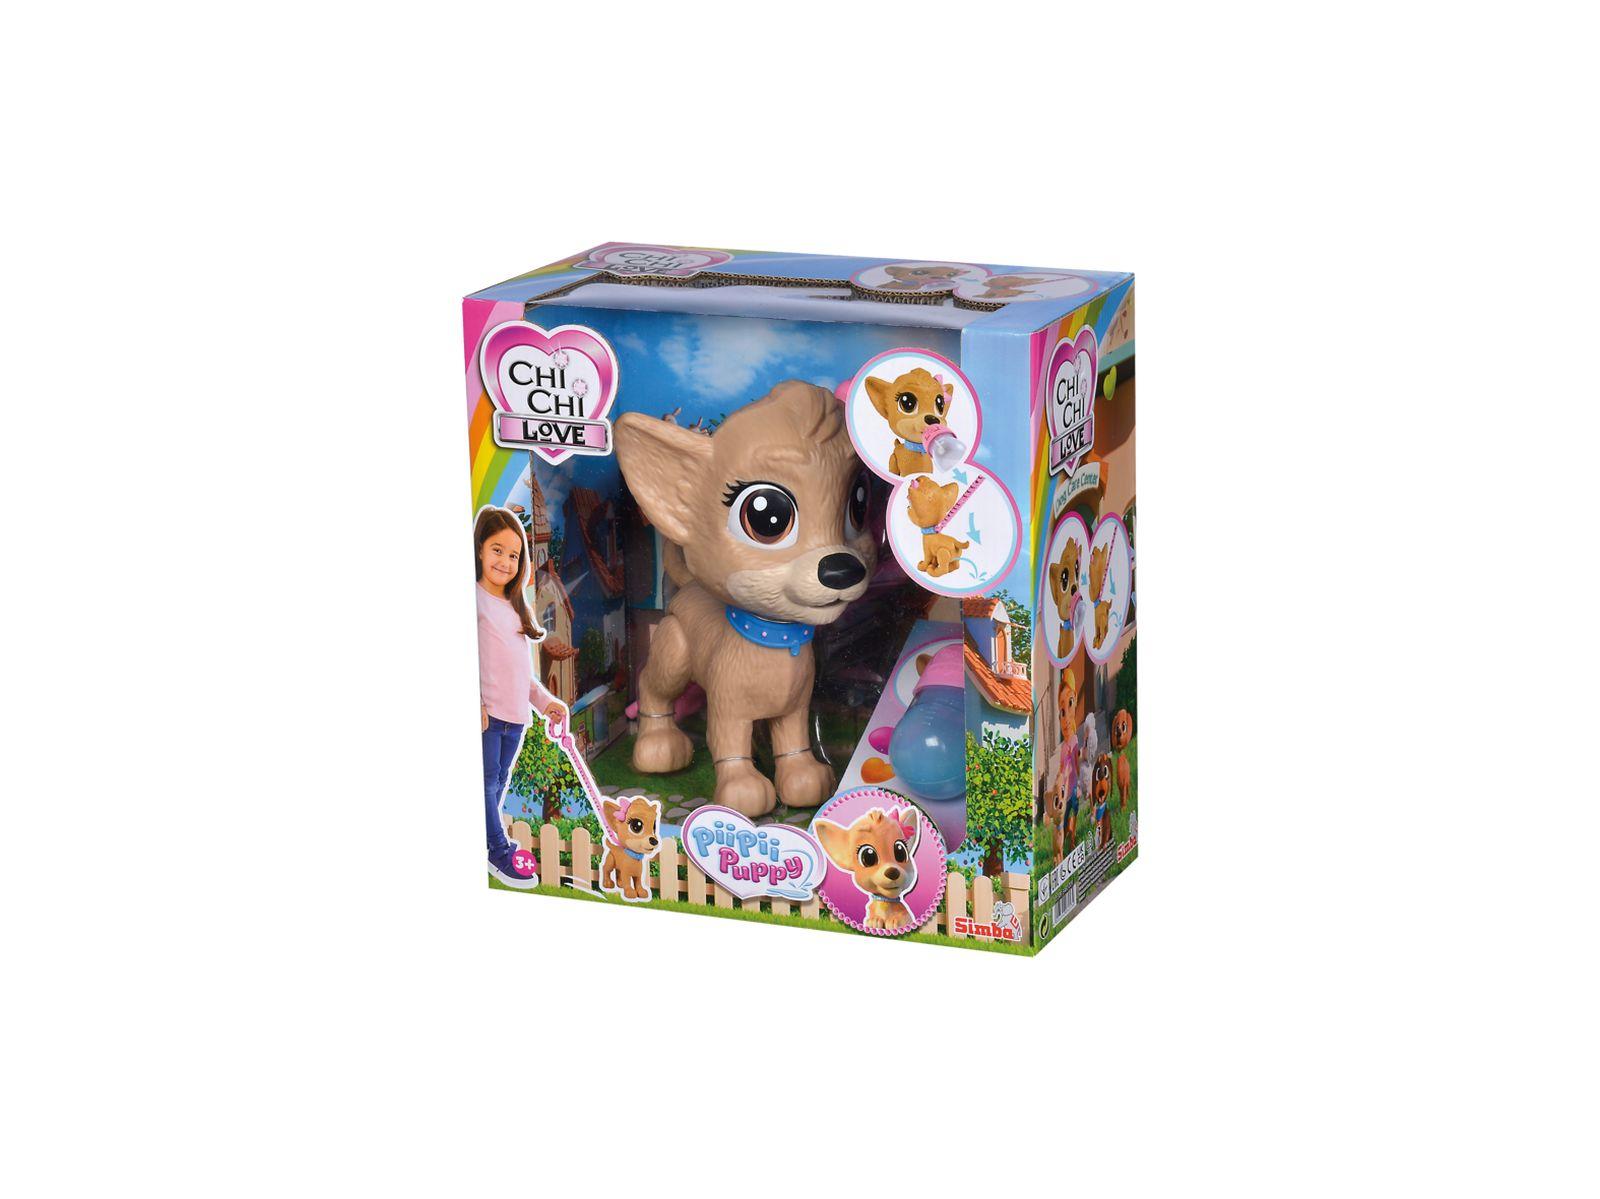 Simba - chi chi love pii pii puppy -